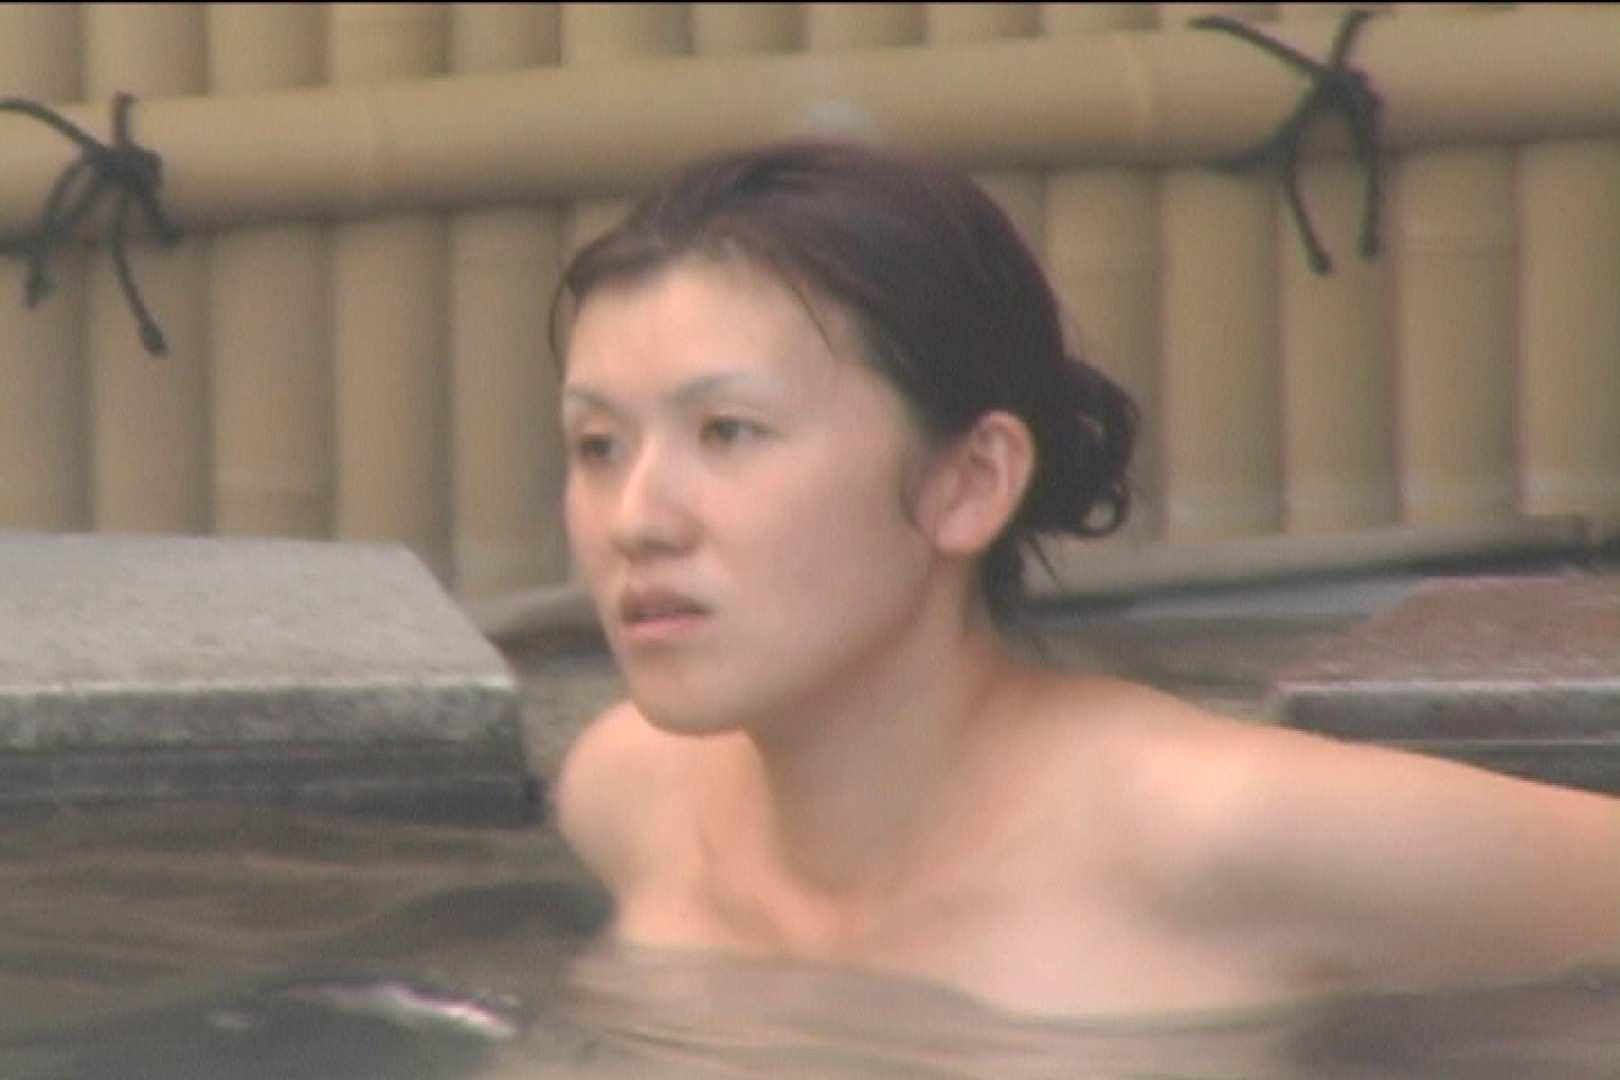 Aquaな露天風呂Vol.532 盗撮  105画像 42